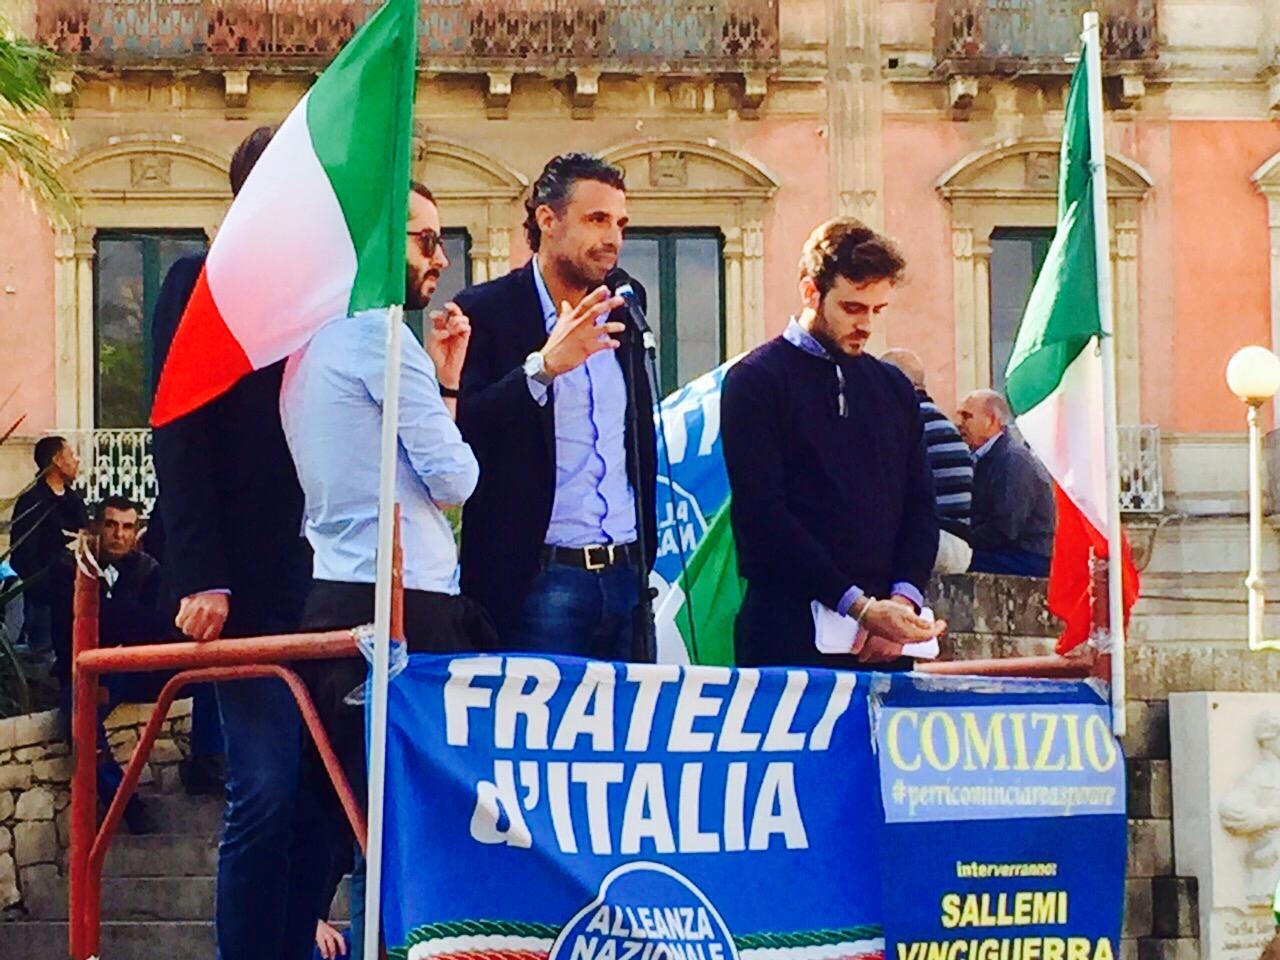 """Vittoria. Sallemi: """"Silenzioso comizio del Sindaco conferma quanto denunciato da Fratelli d'Italia"""""""